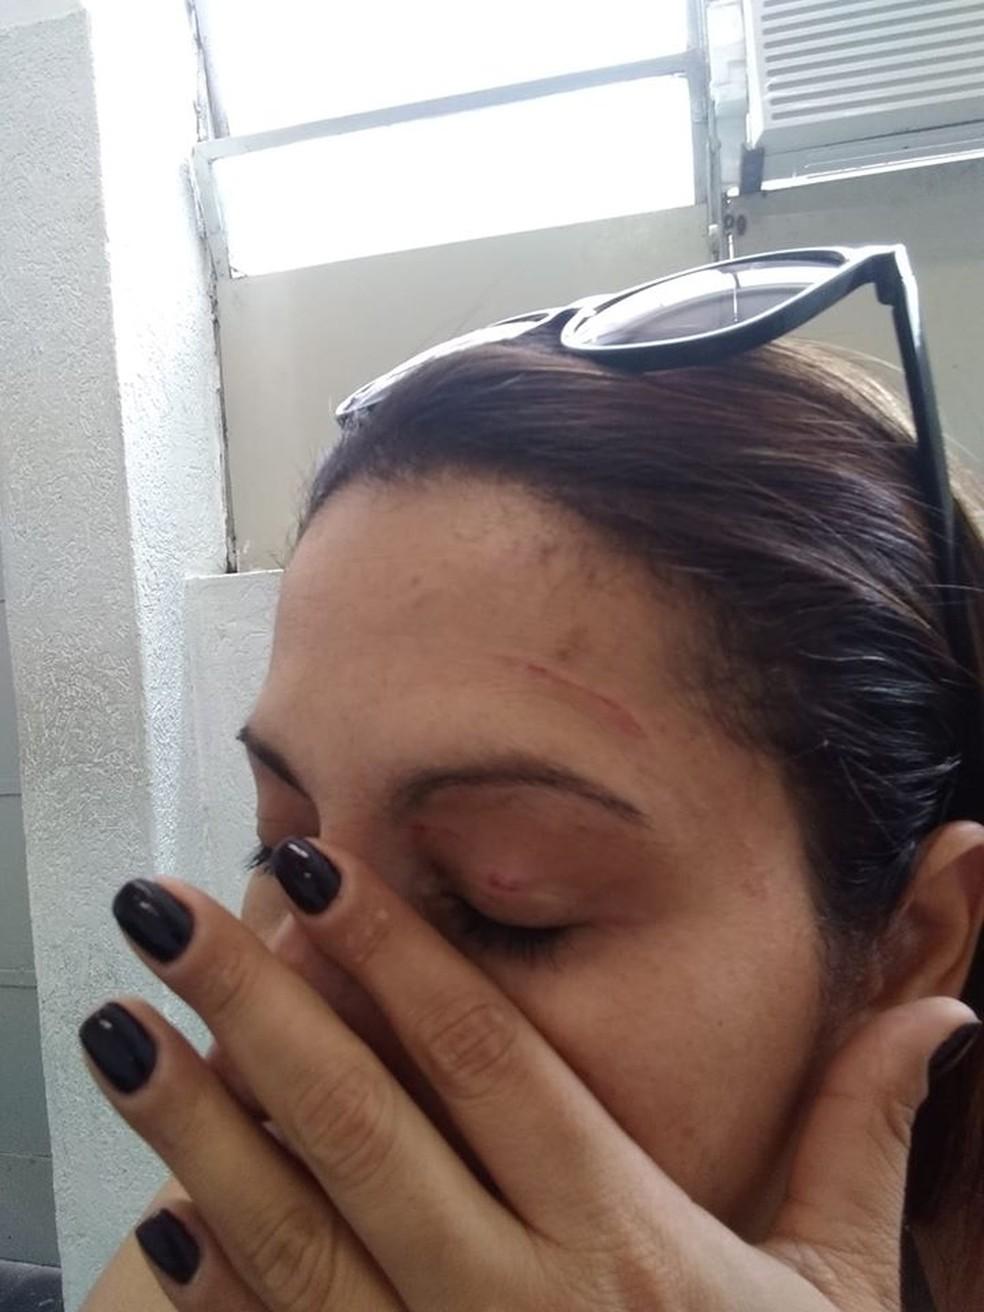 Renata foi conduzida ao Hospital Municipal de São Vicente, SP, e registrou boletim de ocorrência após o ocorrido — Foto: Arquivo pessoal